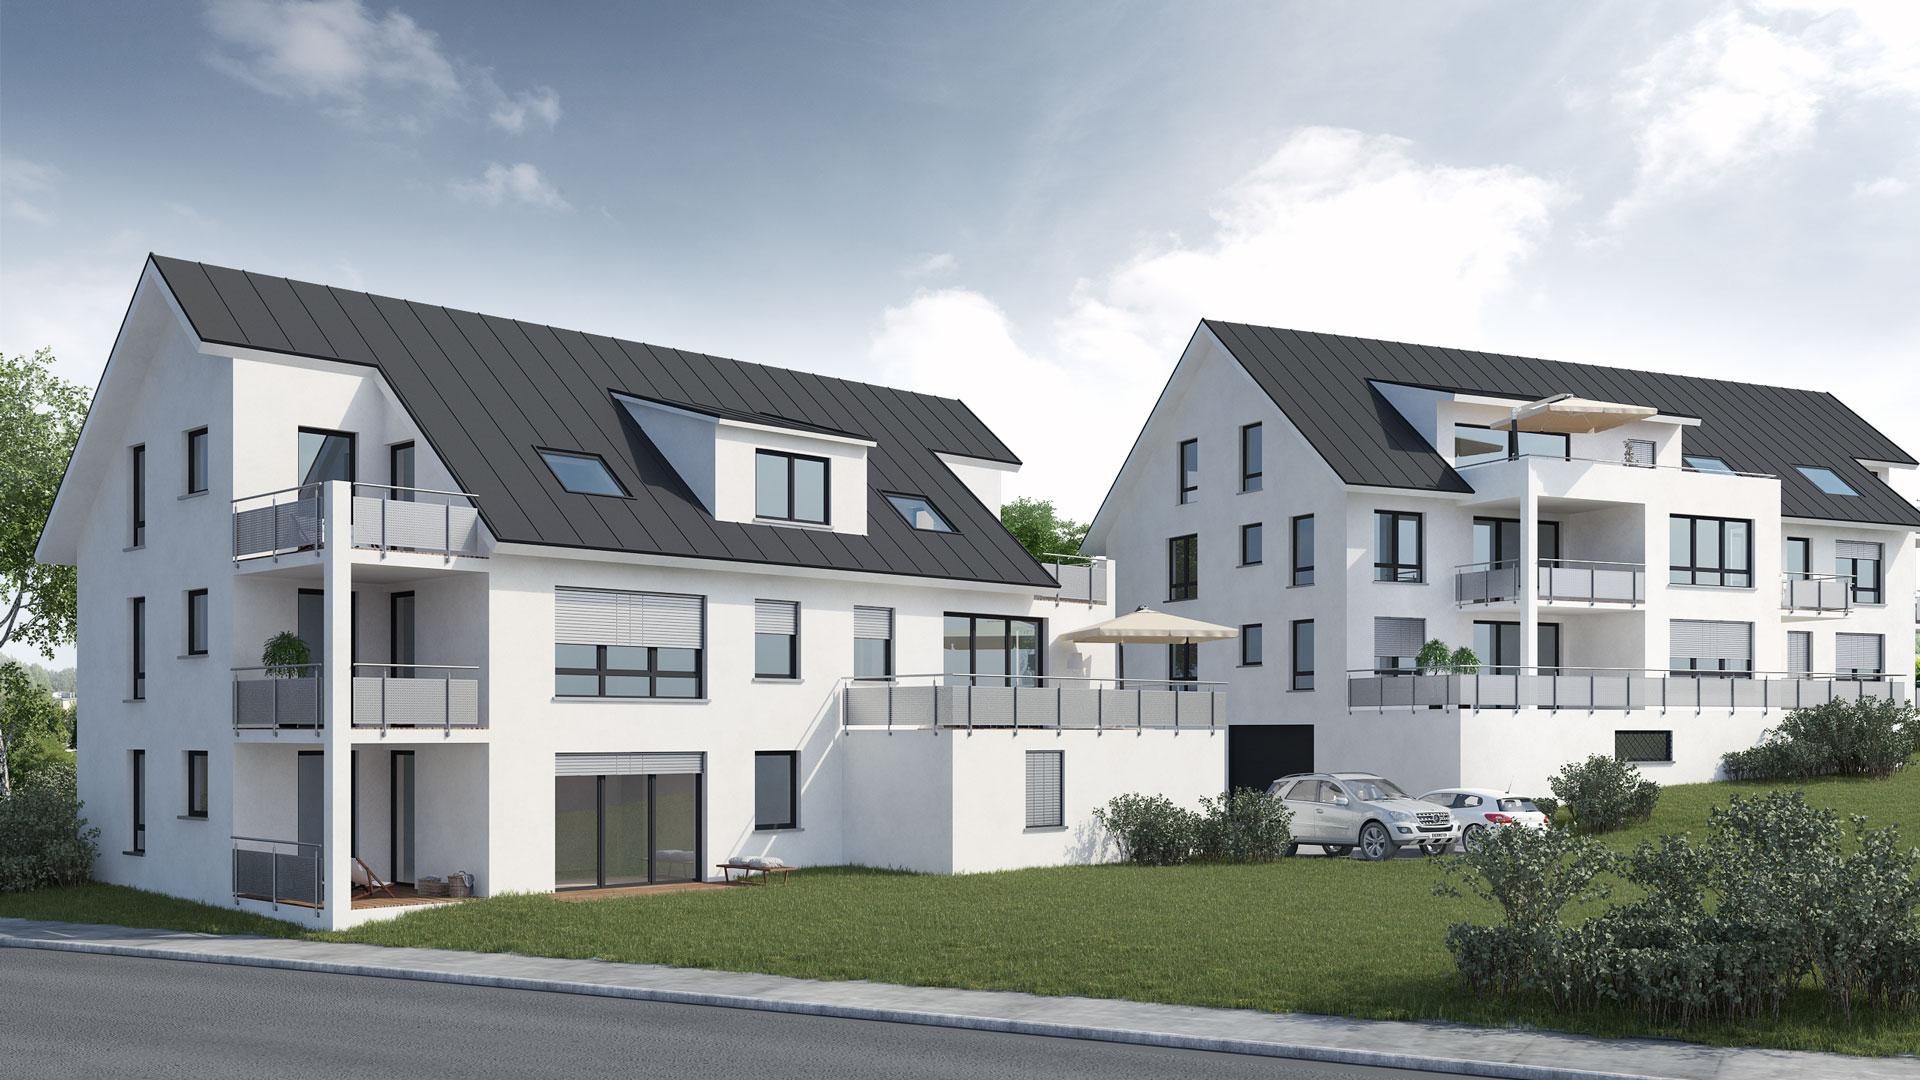 hs bau gmbh crailsheim immobilienangebote. Black Bedroom Furniture Sets. Home Design Ideas